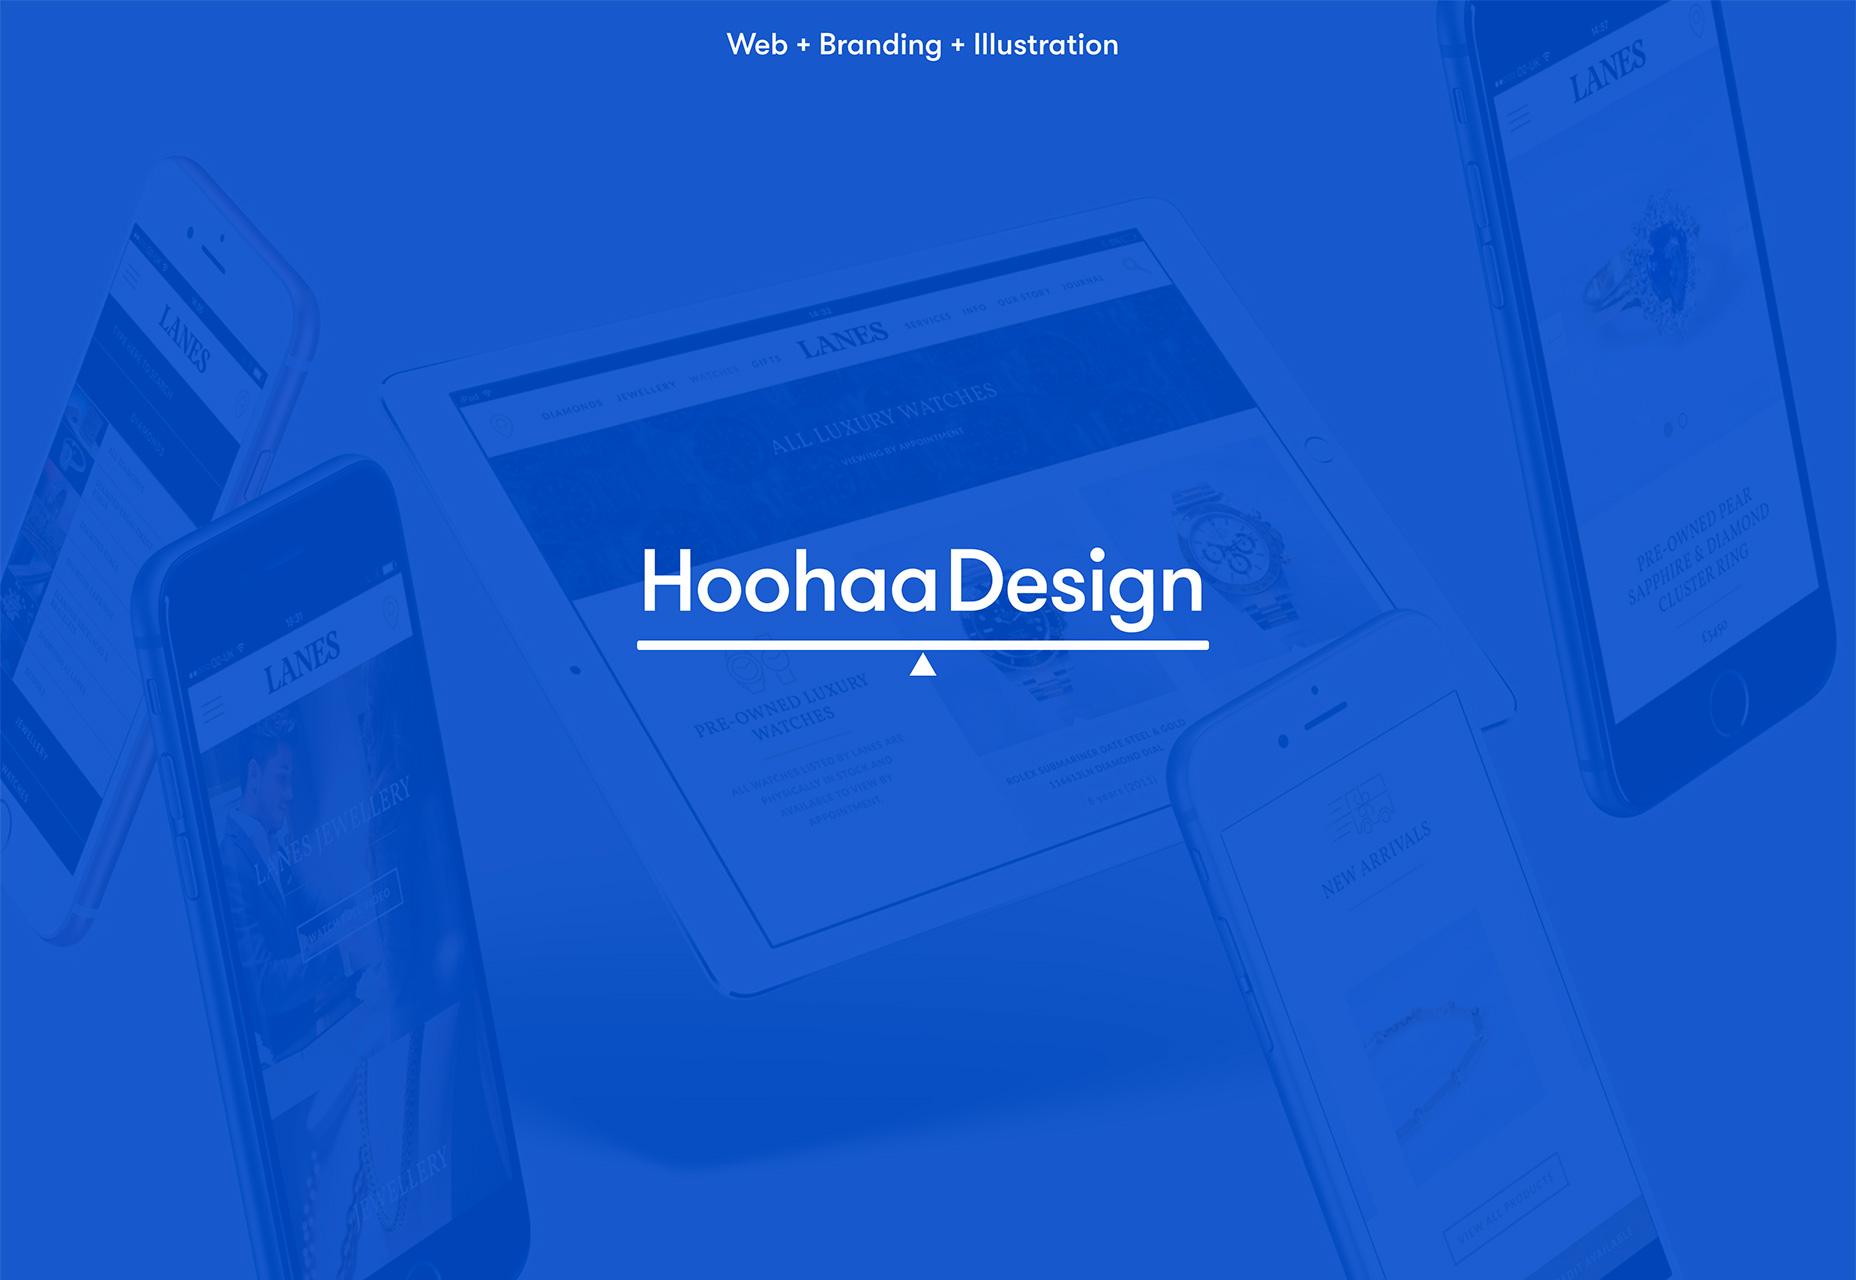 3 основные тенденции веб-дизайна в ноябре 2017